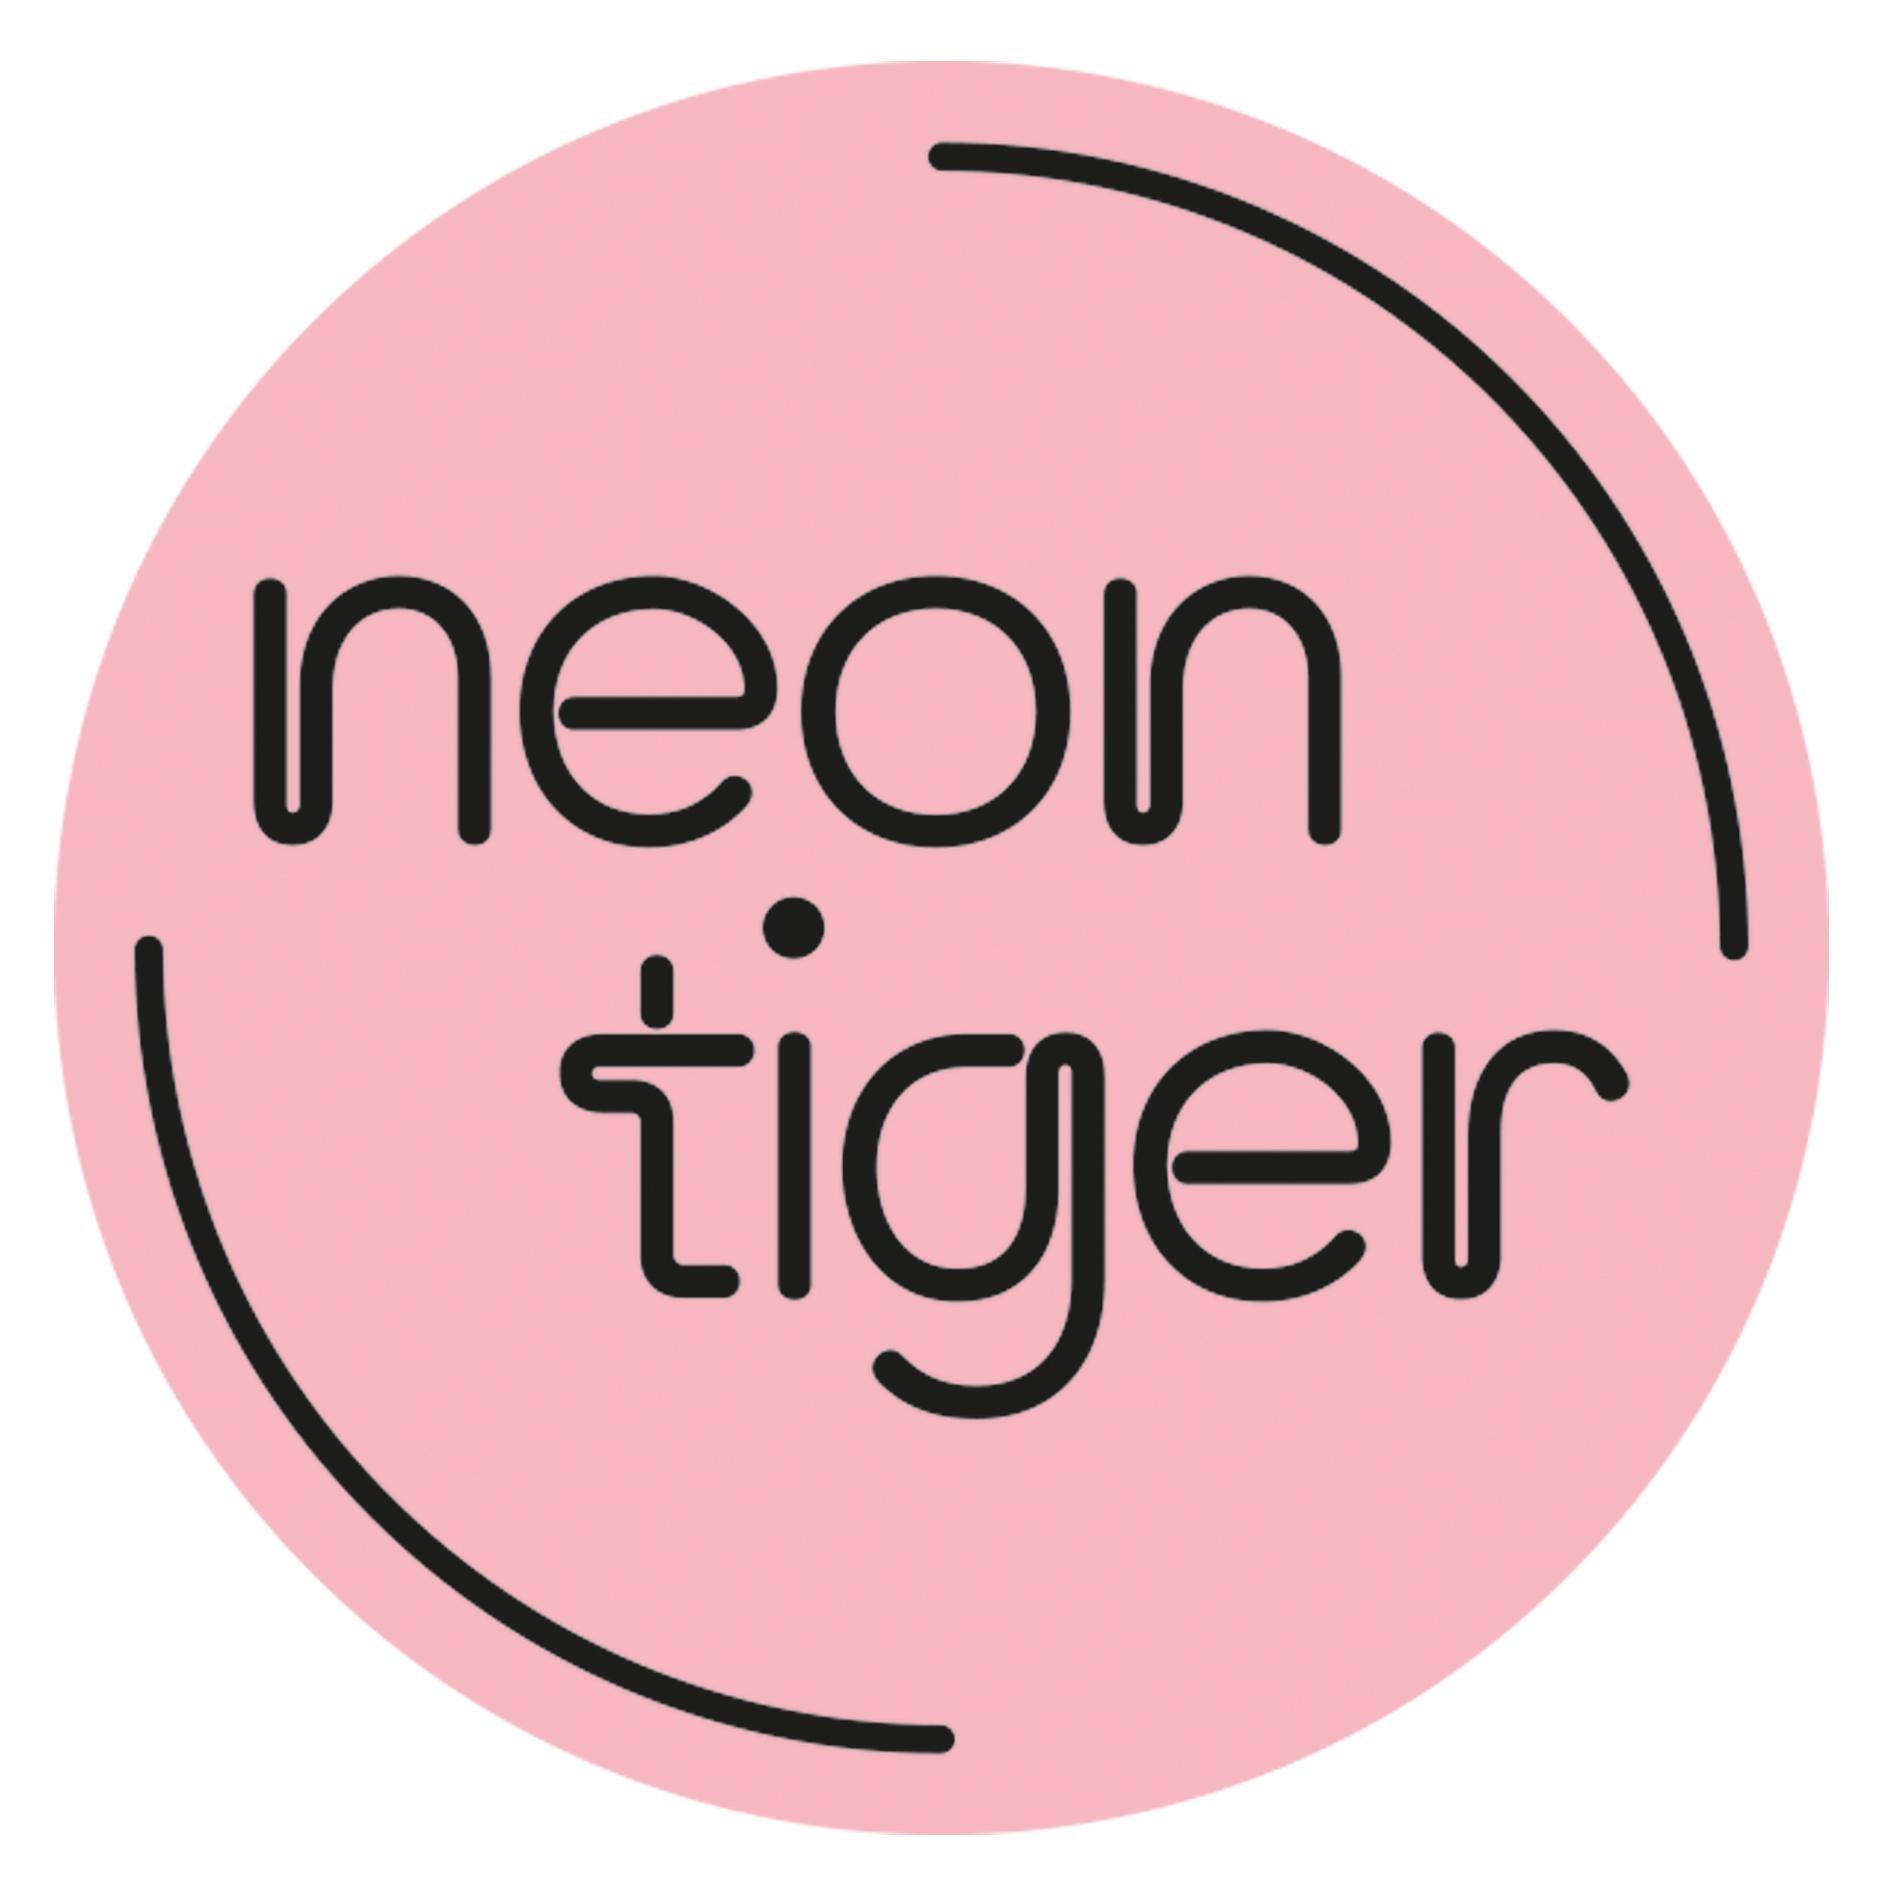 neon_tiger